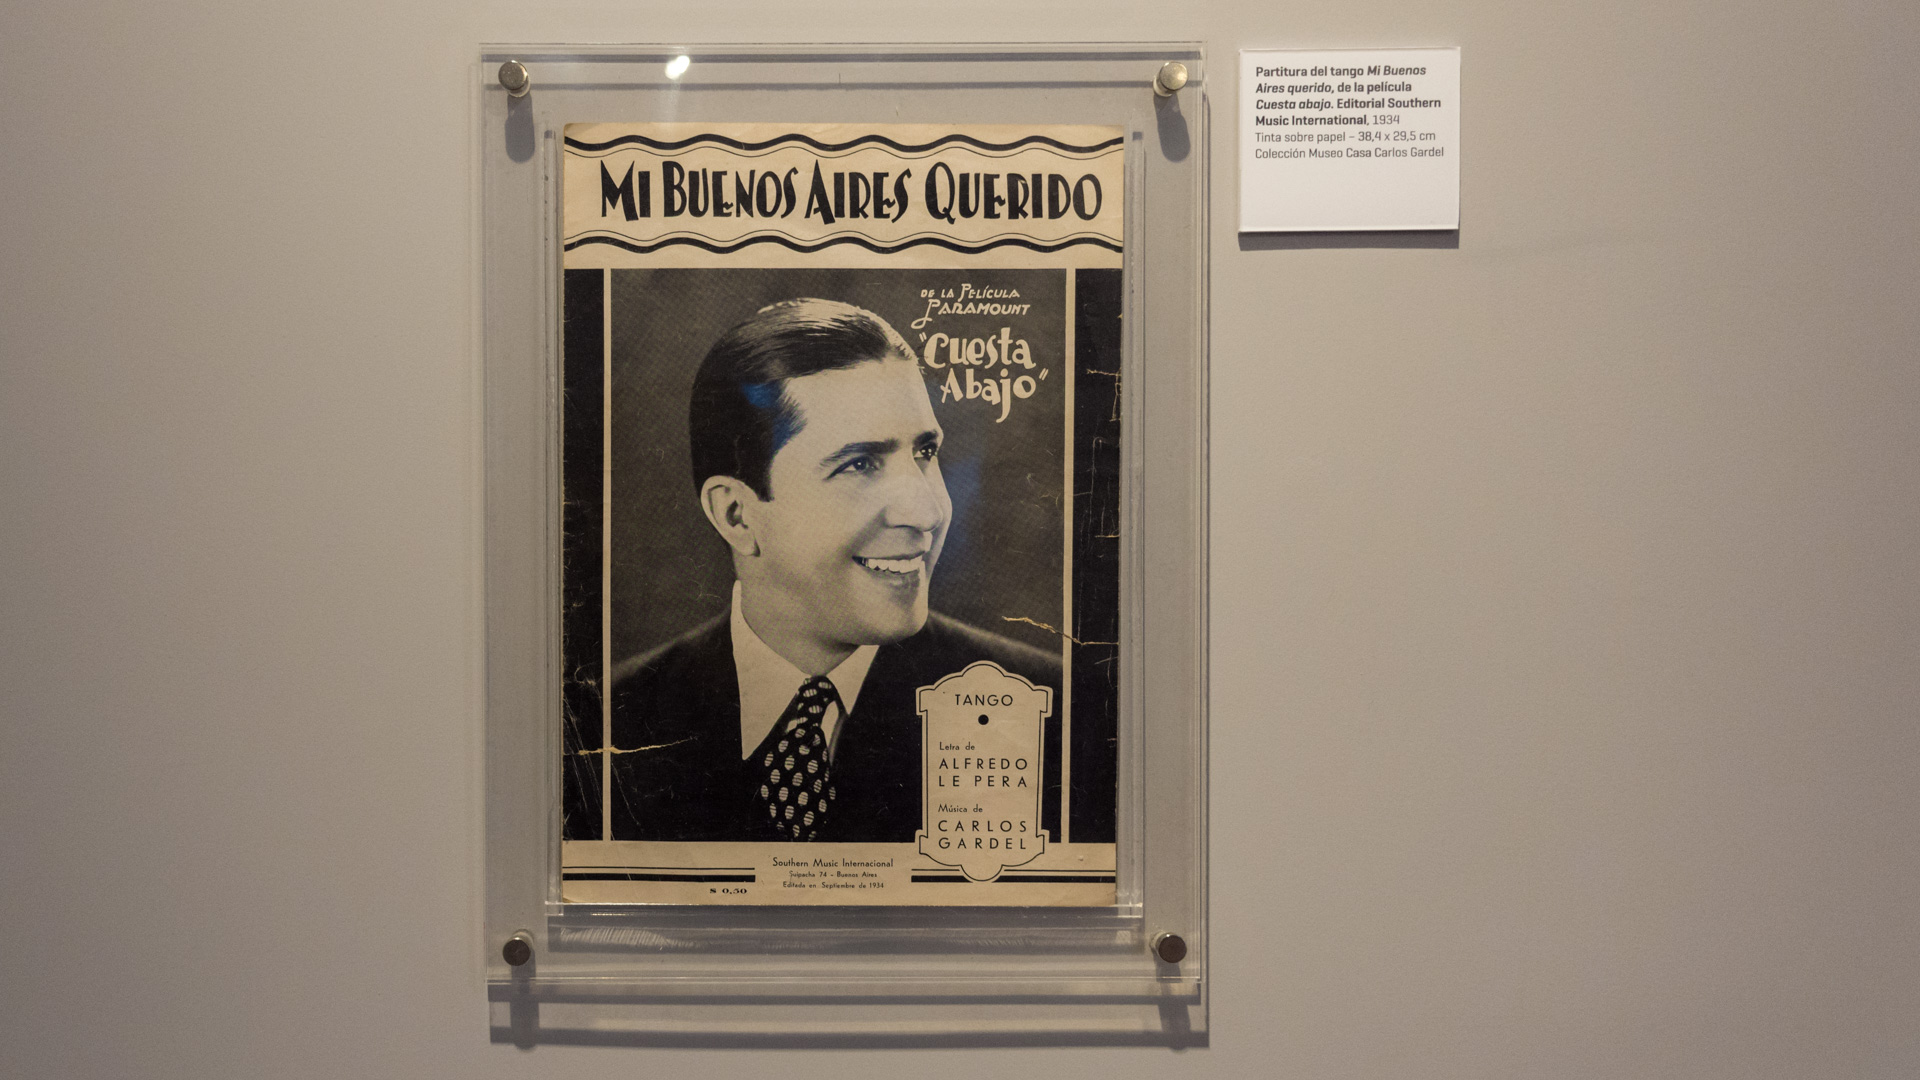 """Partitura original de """"Mi Buenos Aires querido"""". (Martín Rosenzveig)"""